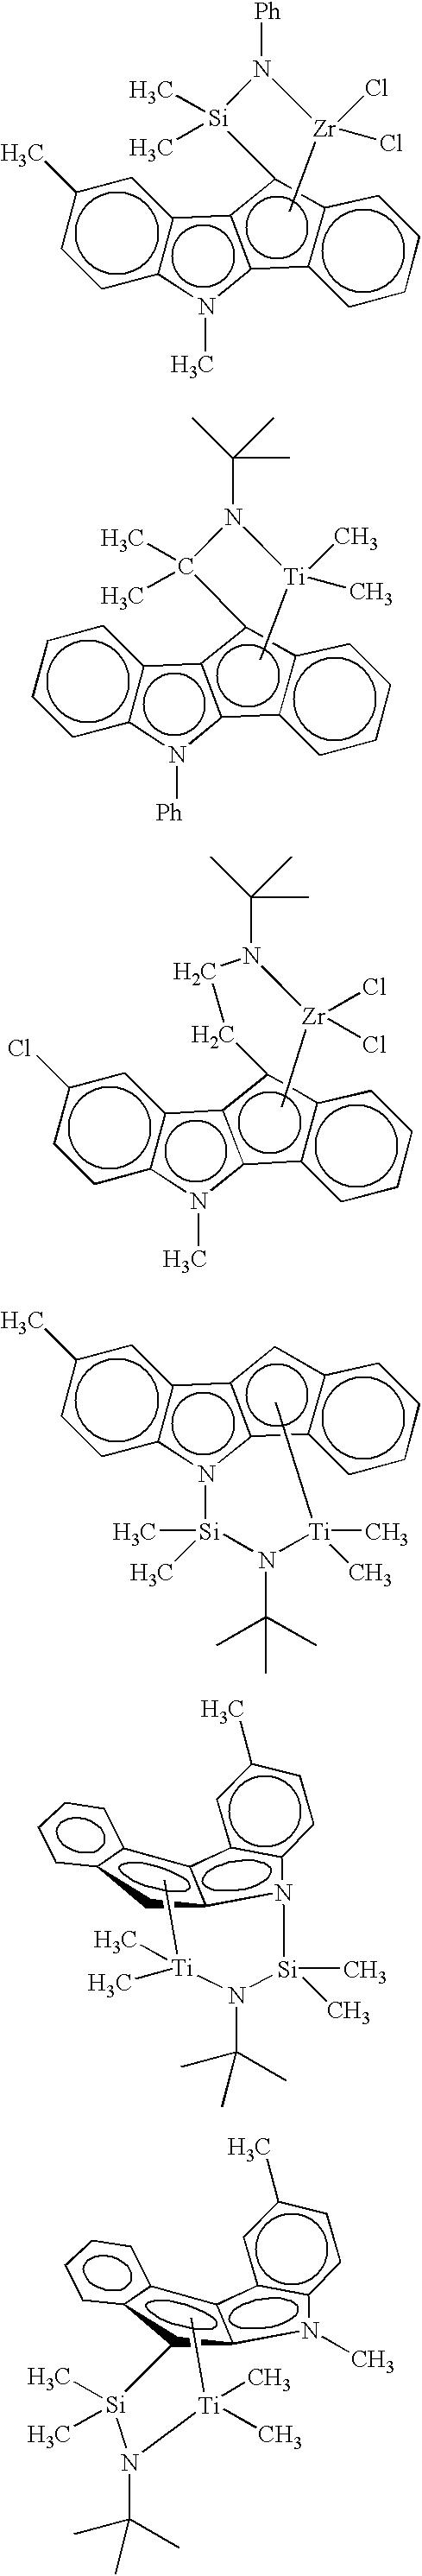 Figure US06559251-20030506-C00008